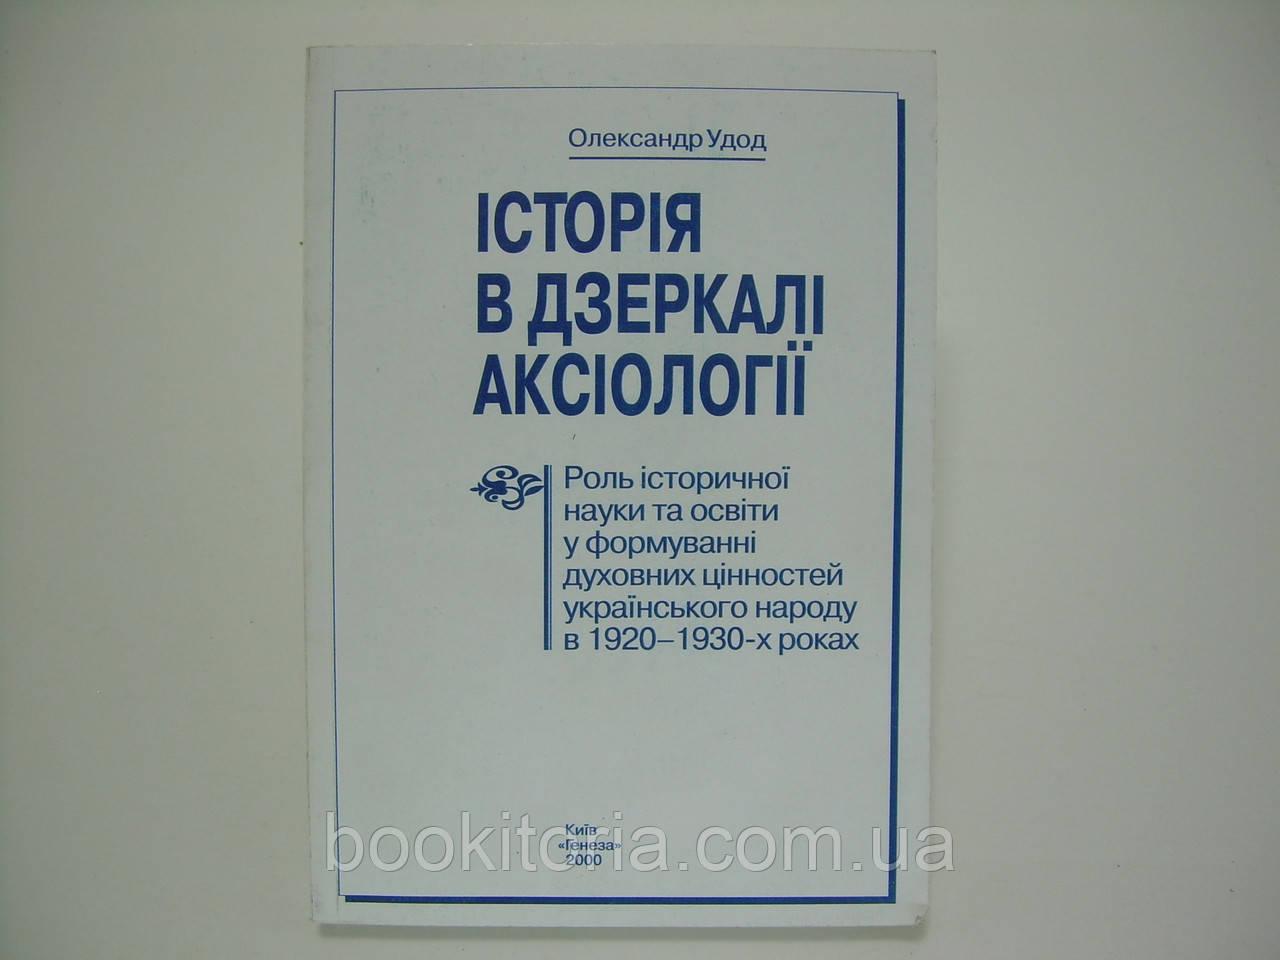 Удод О. Історія в дзеркалі аксіології (б/у).